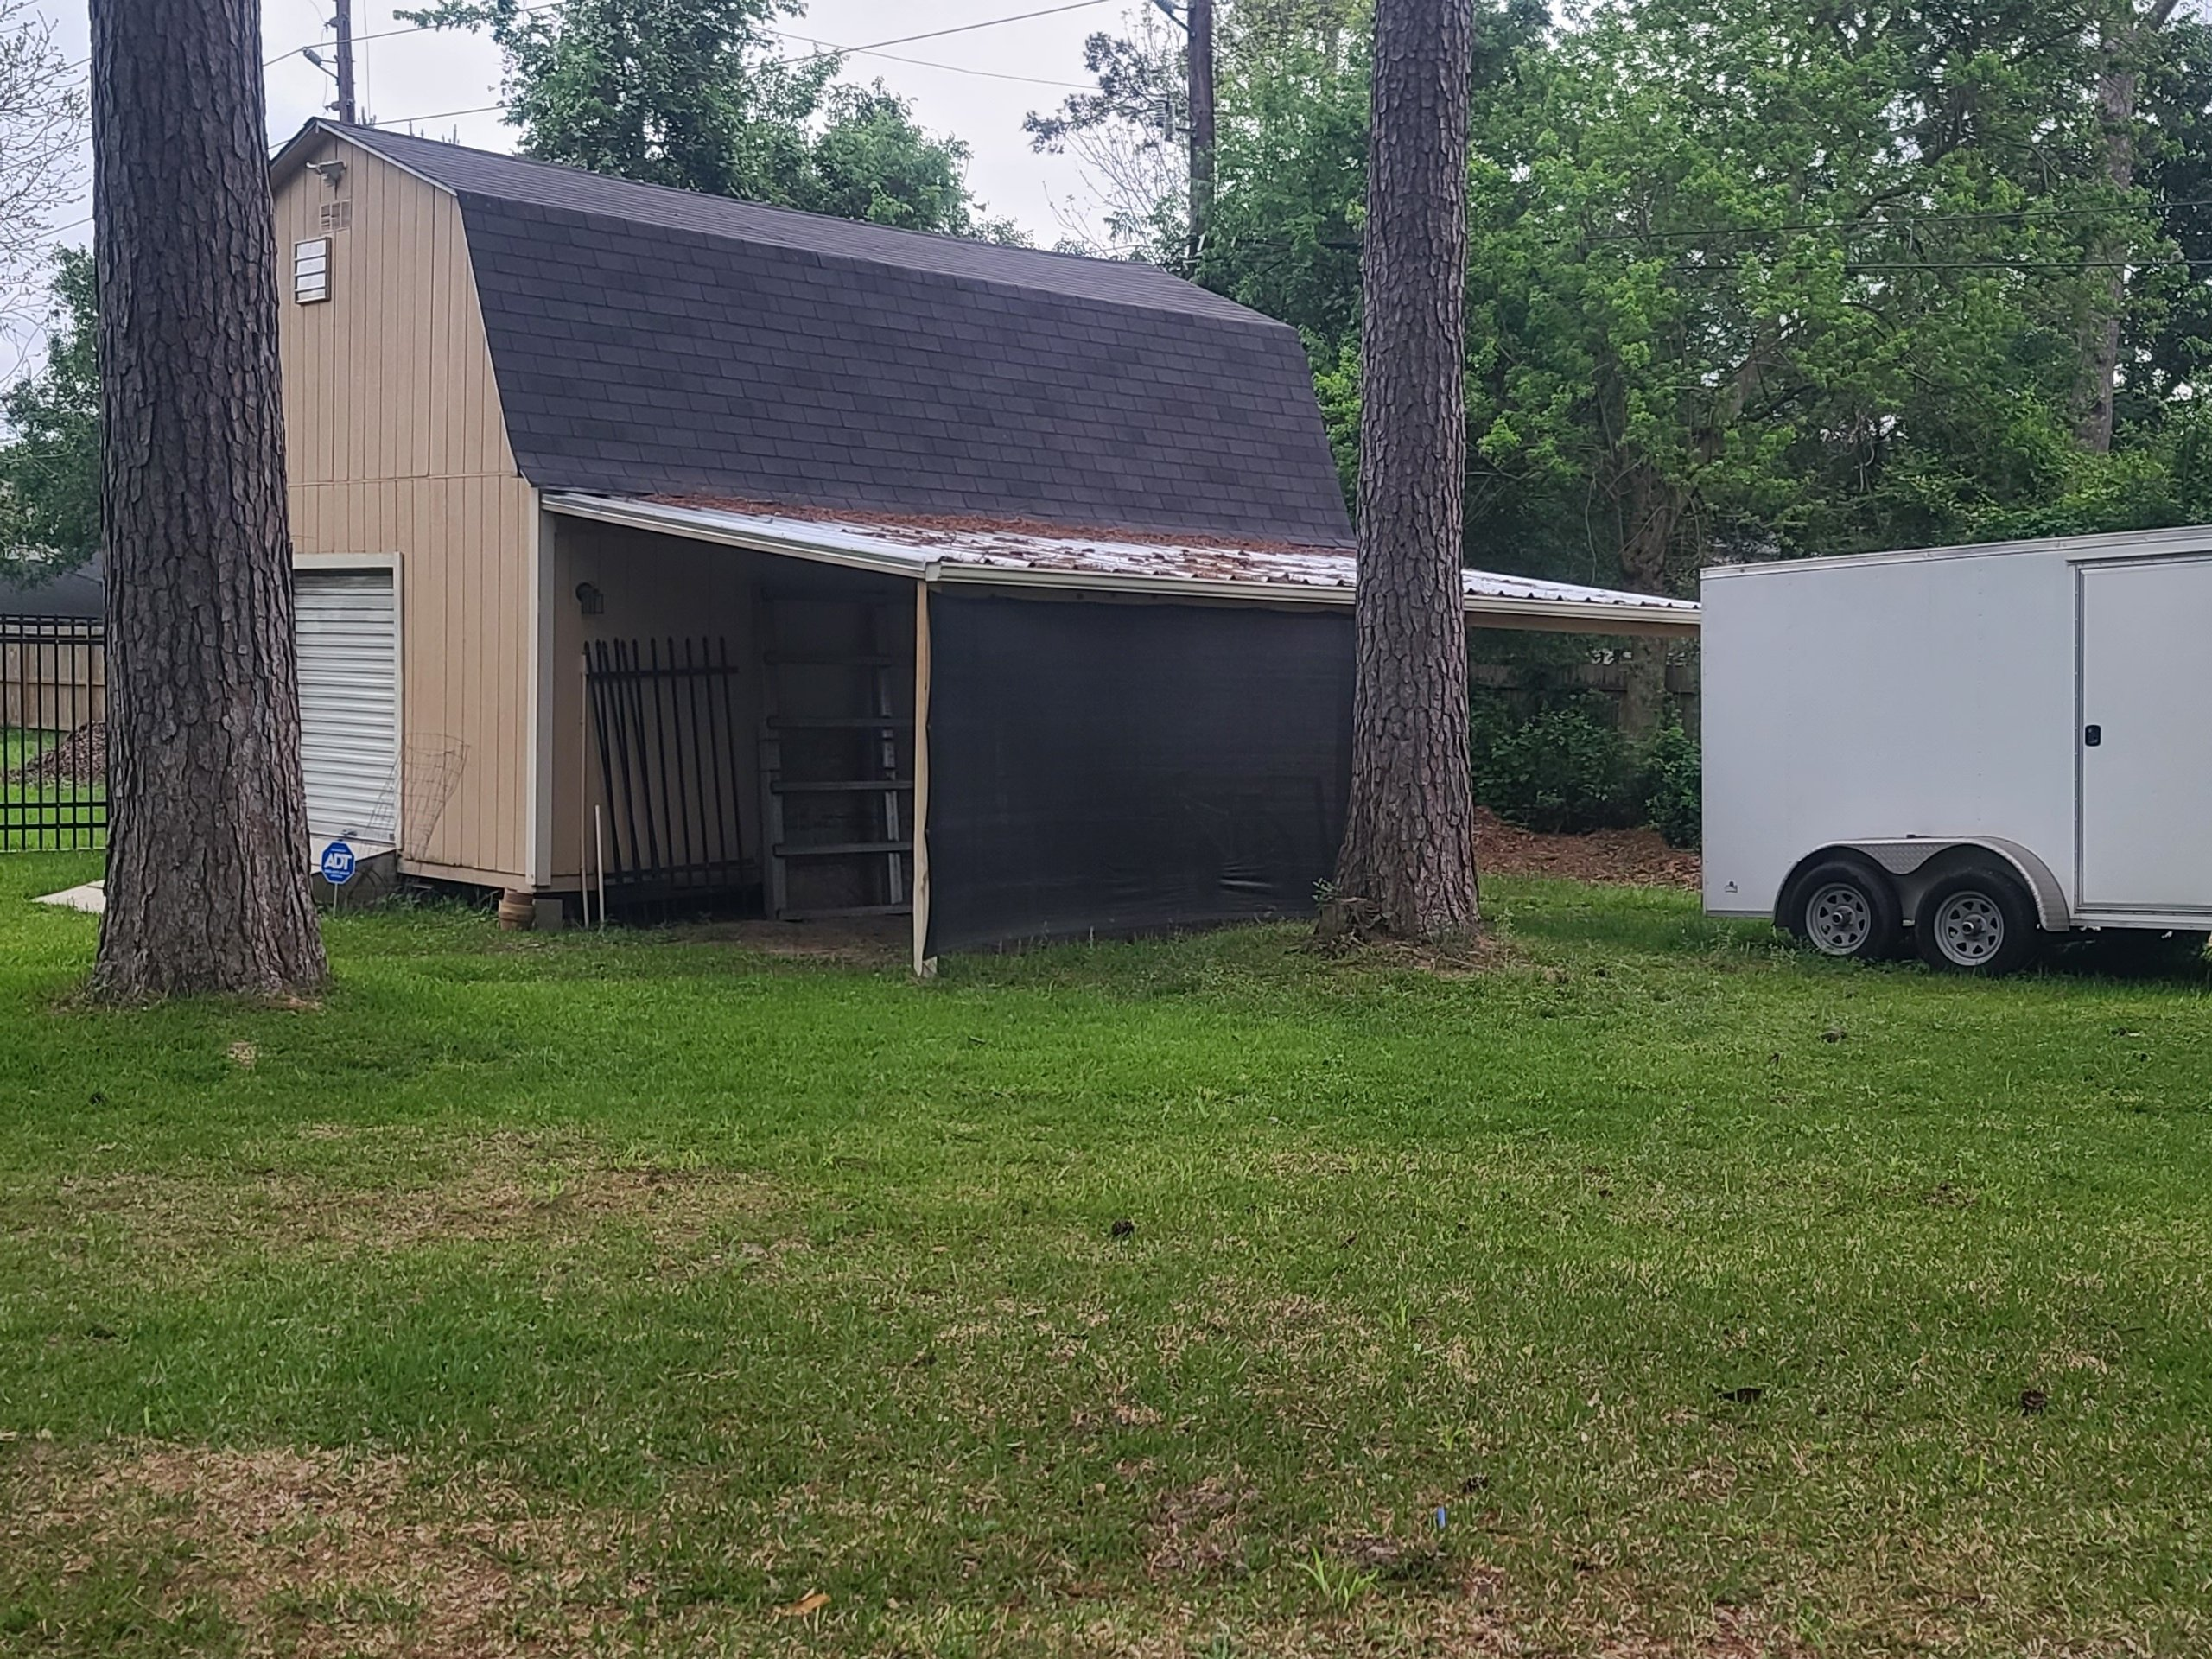 24x12 Carport self storage unit